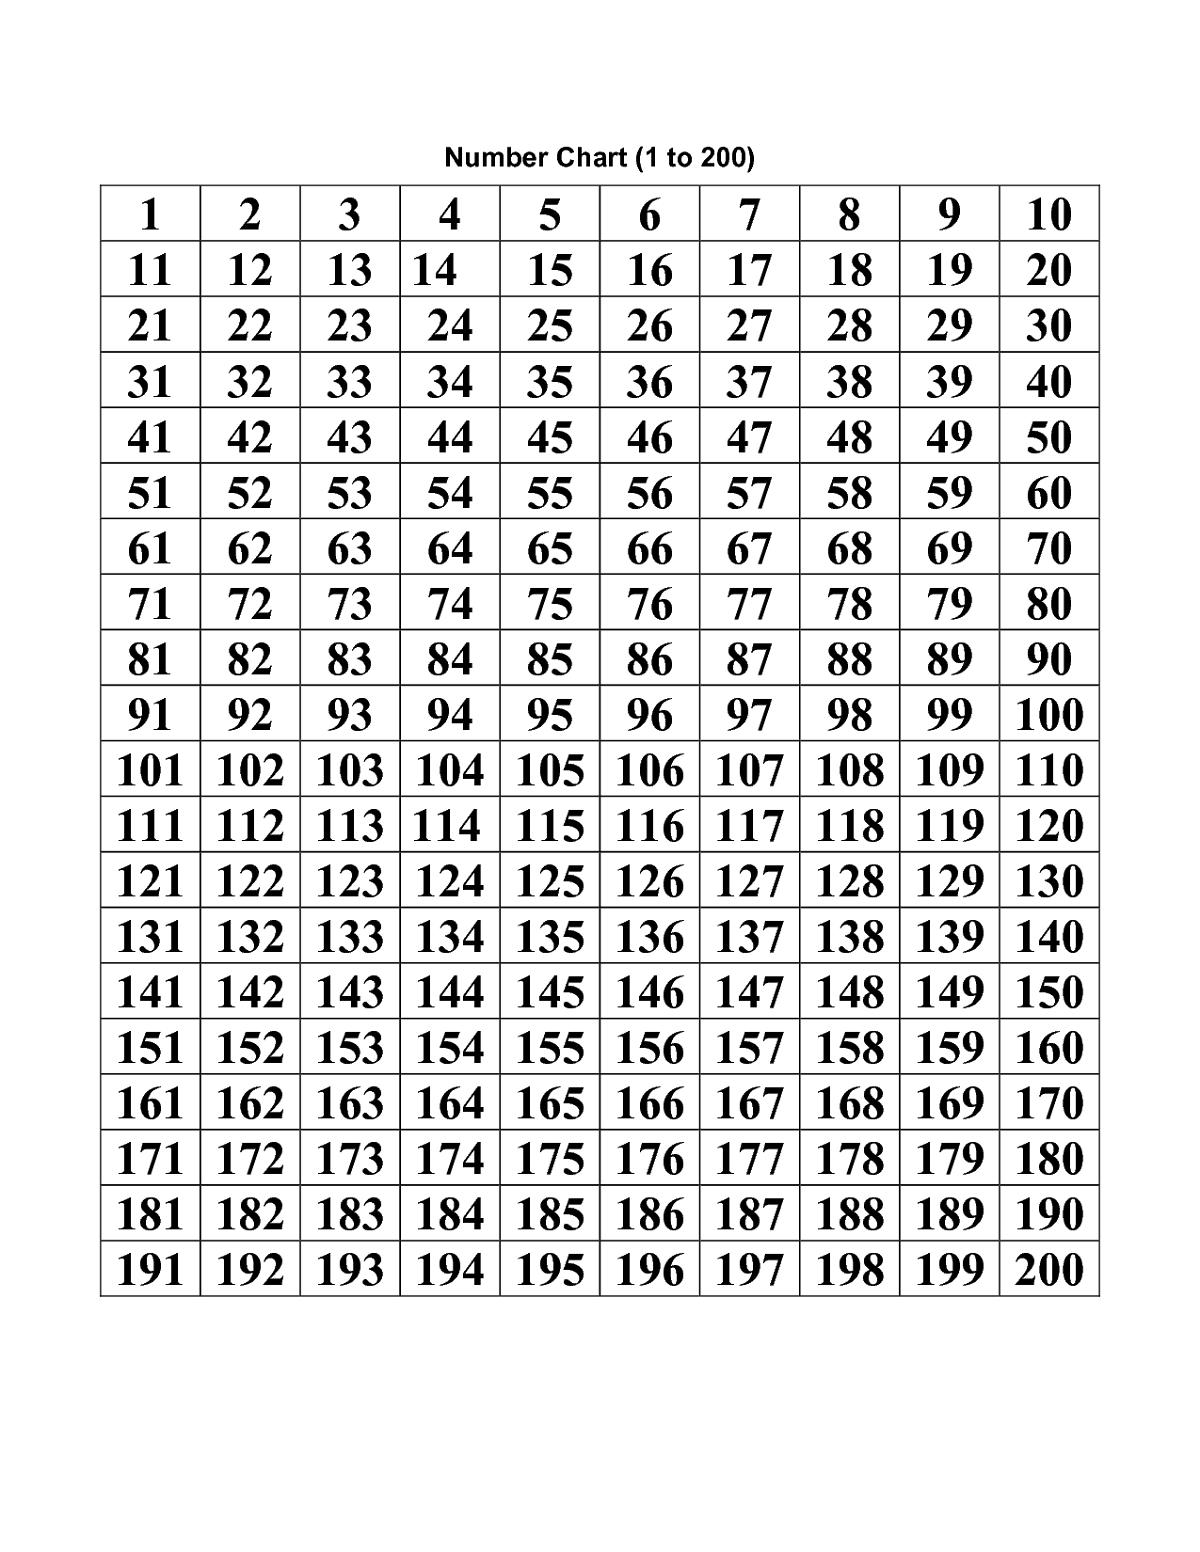 Number-Chart-1-200-Printable | Printable Numbers, Number